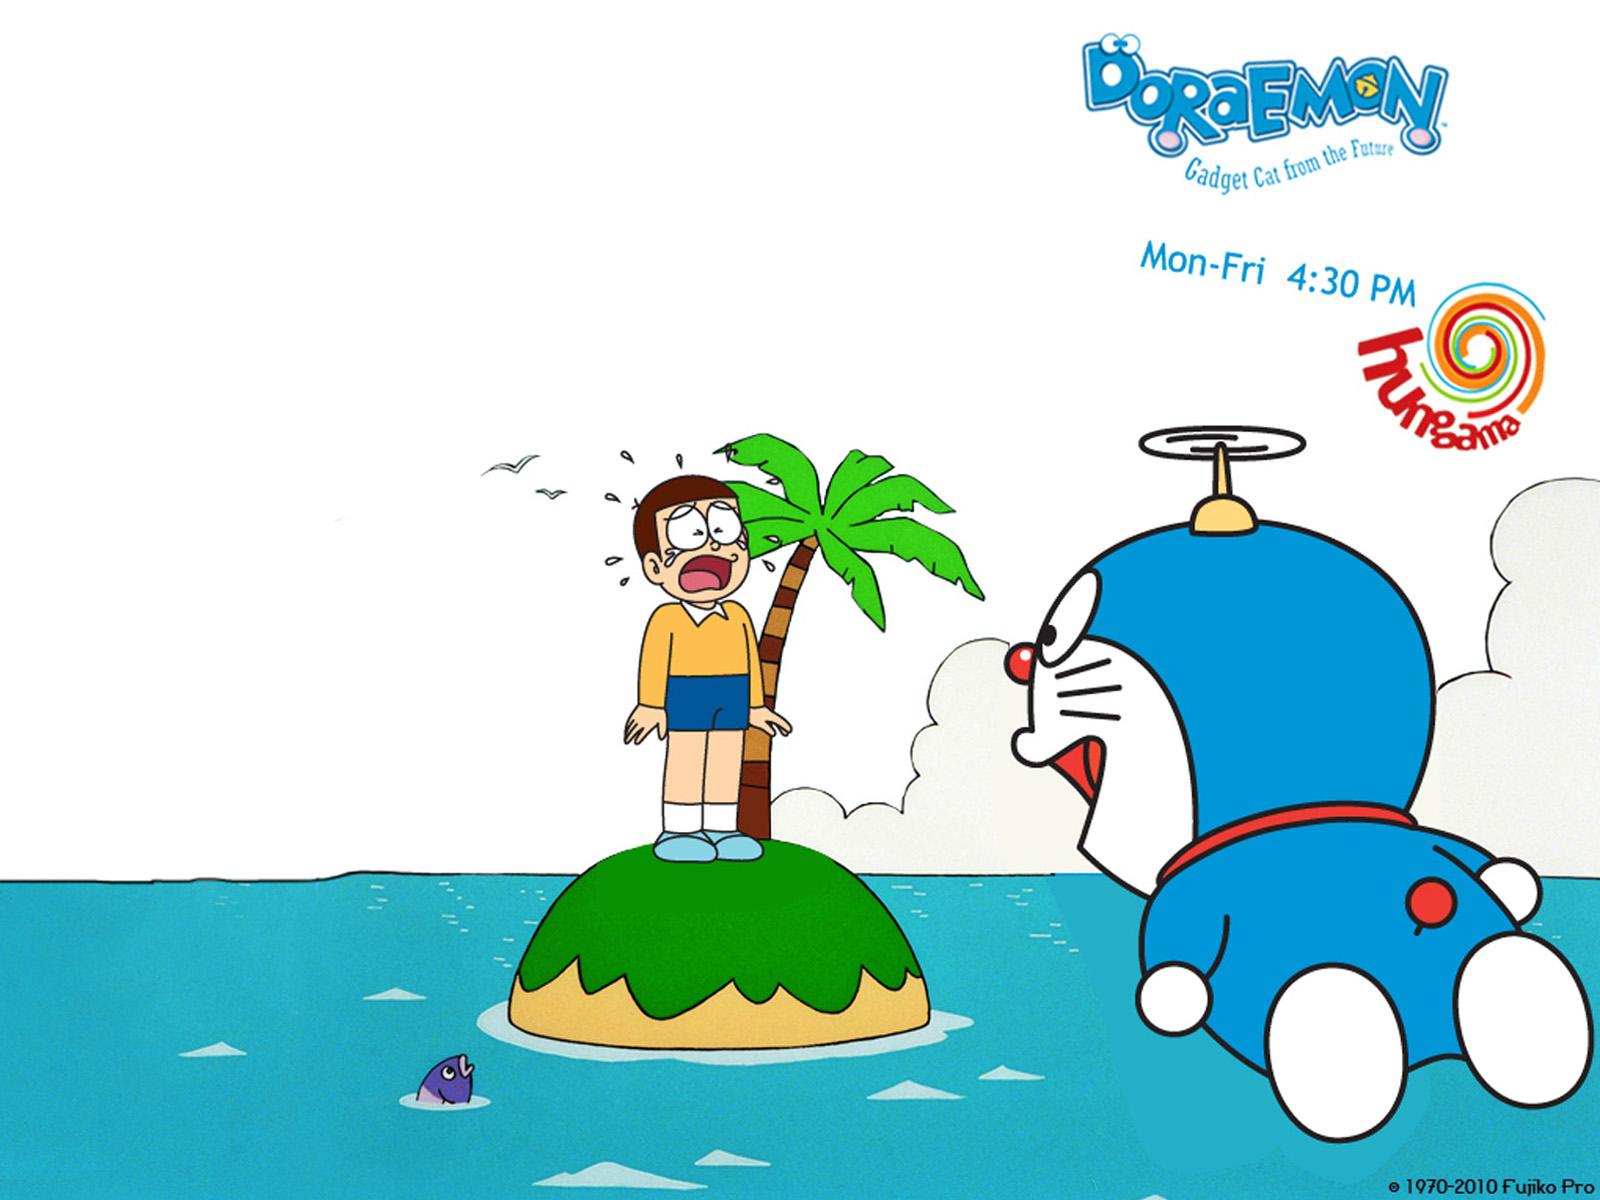 Doraemon wallpaper for android wallpapersafari file name doraemon wallpaper android 1600x1200 voltagebd Images